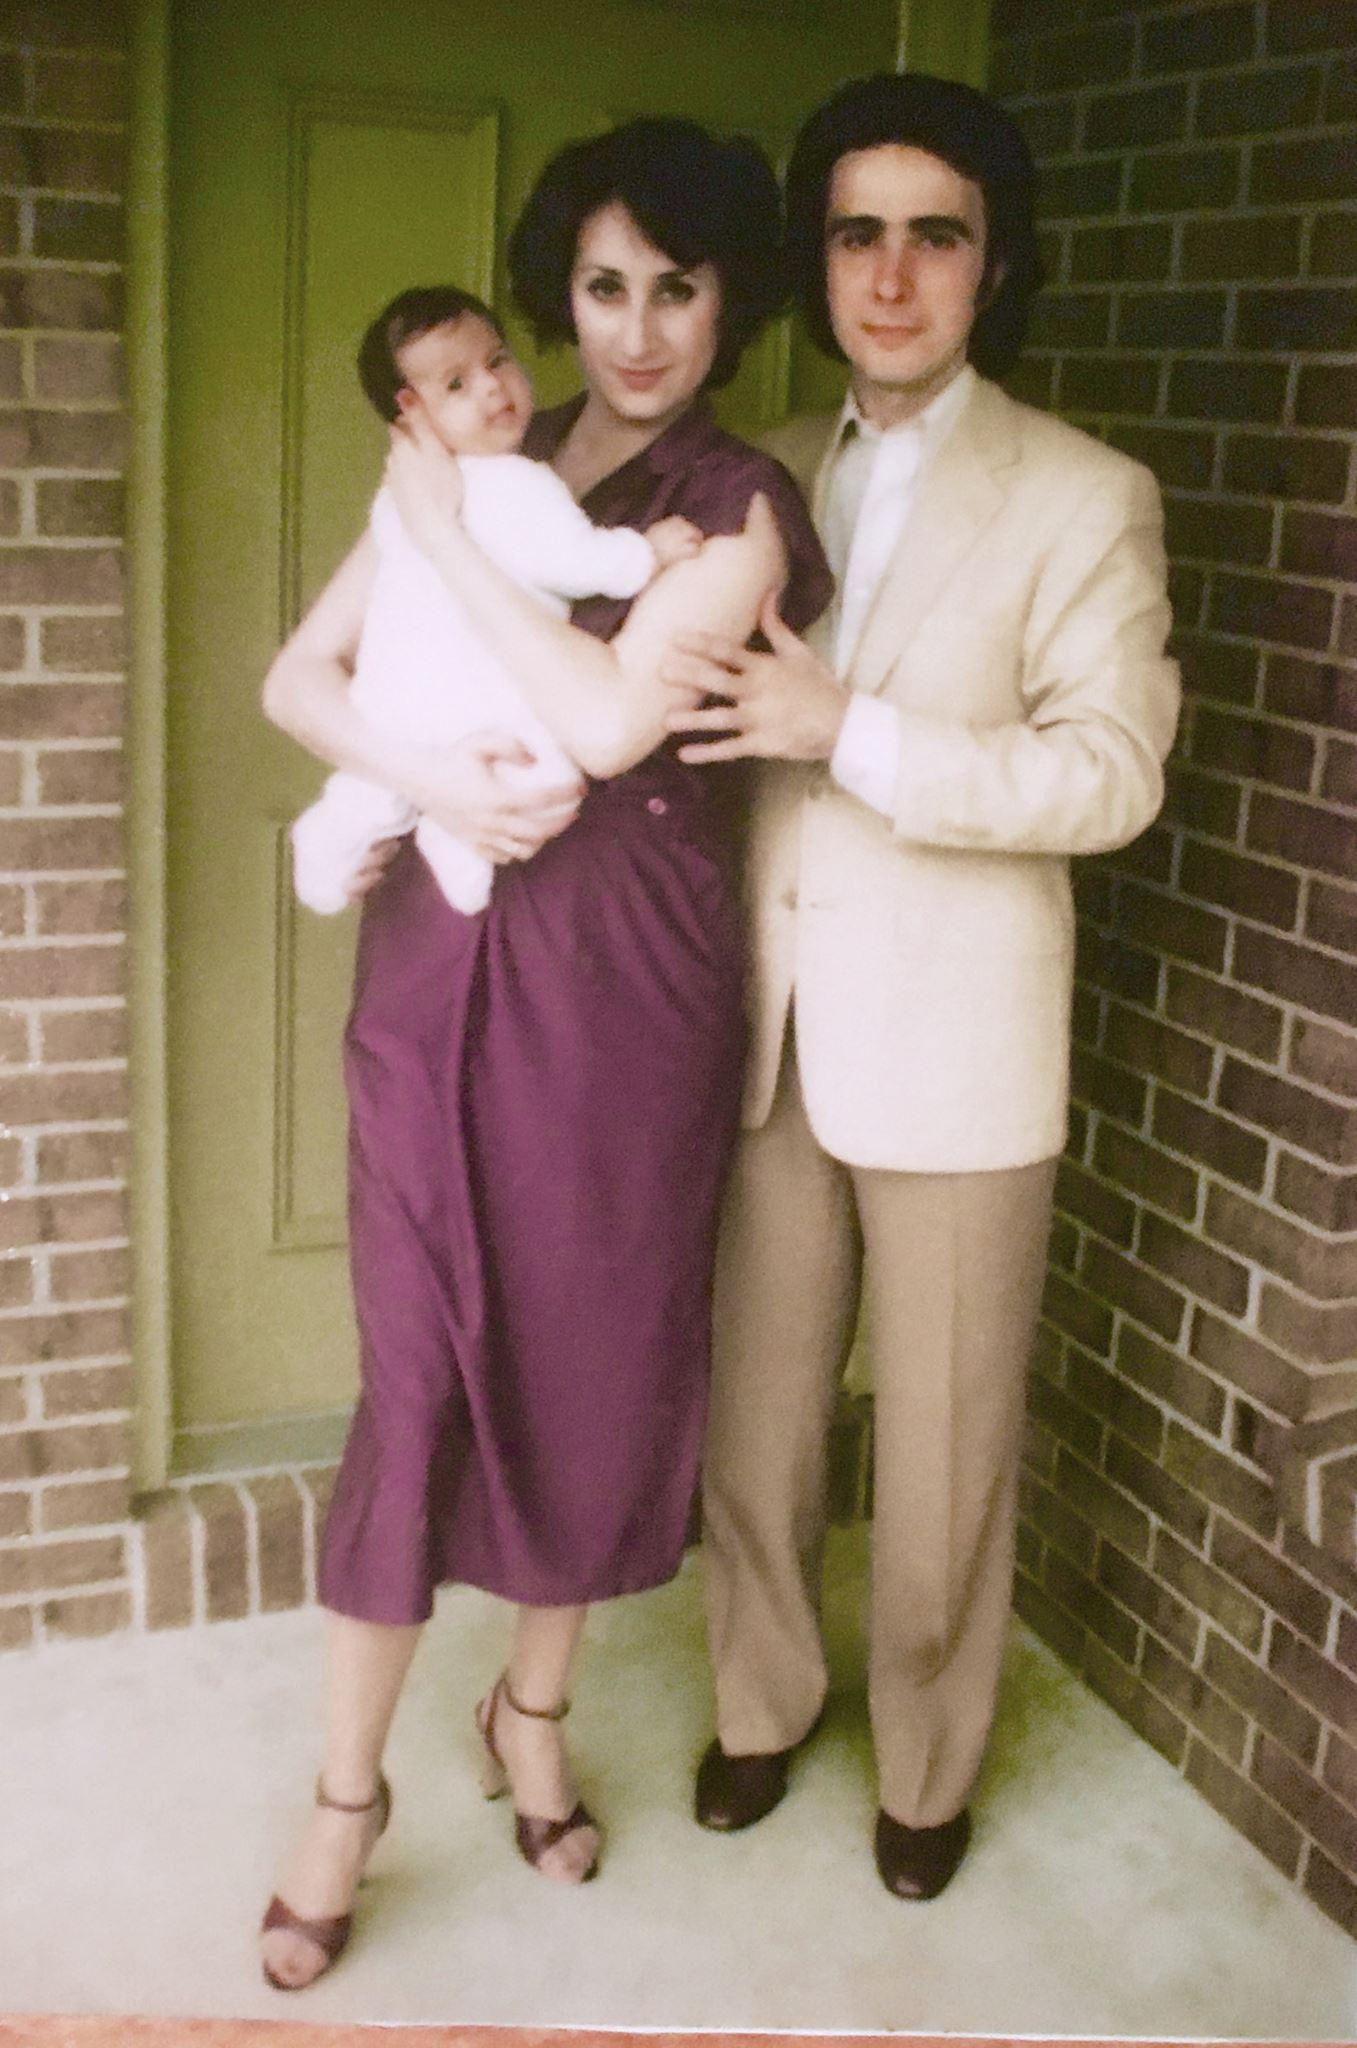 Сантьяго с женой Наташей и дочкой Вероникой, начало 80-х